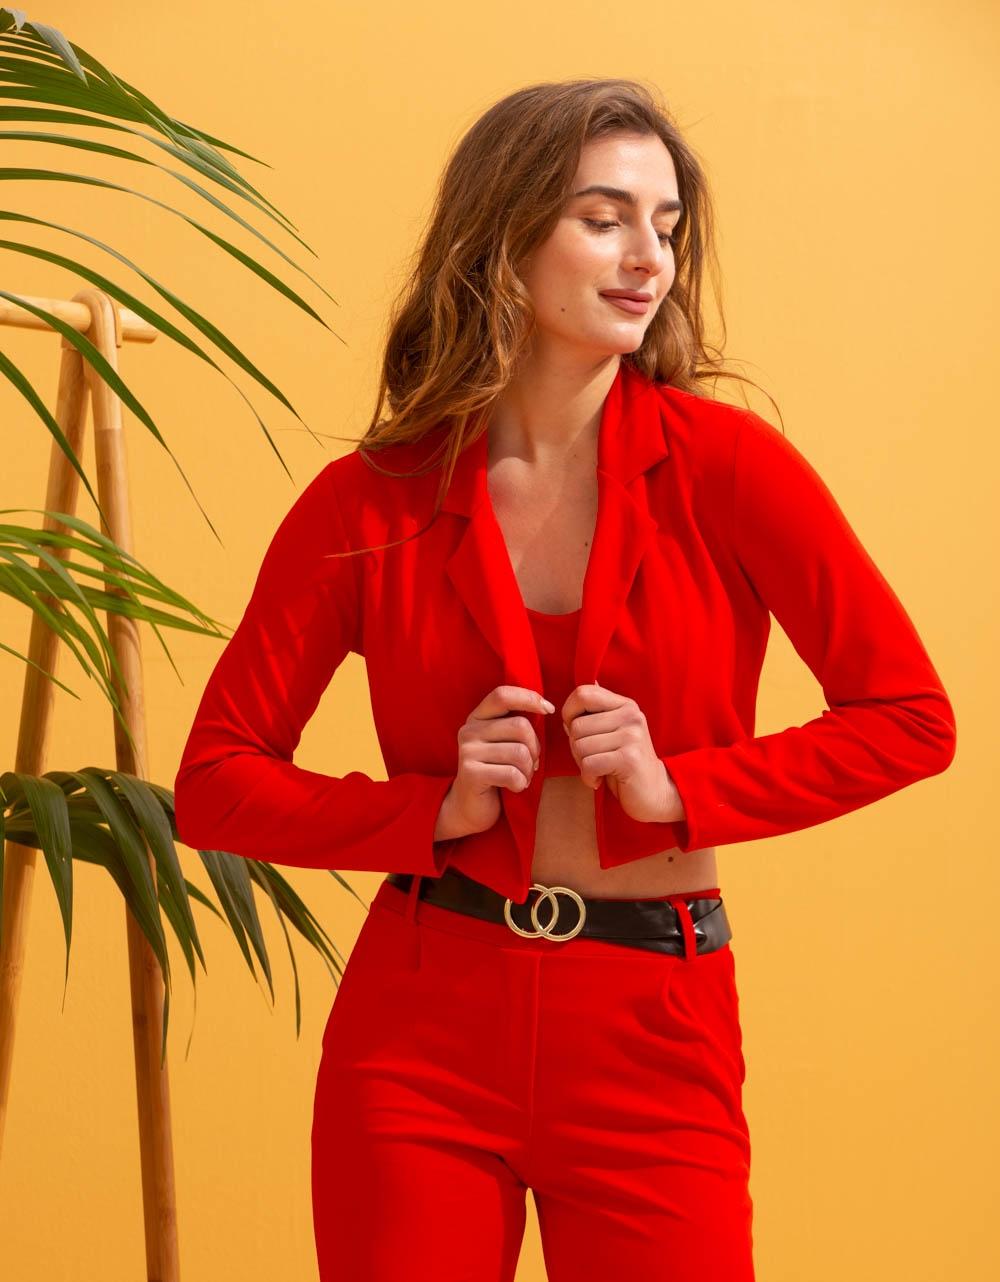 Εικόνα από  Γυναικεία σετ ρούχων total look Κόκκινο